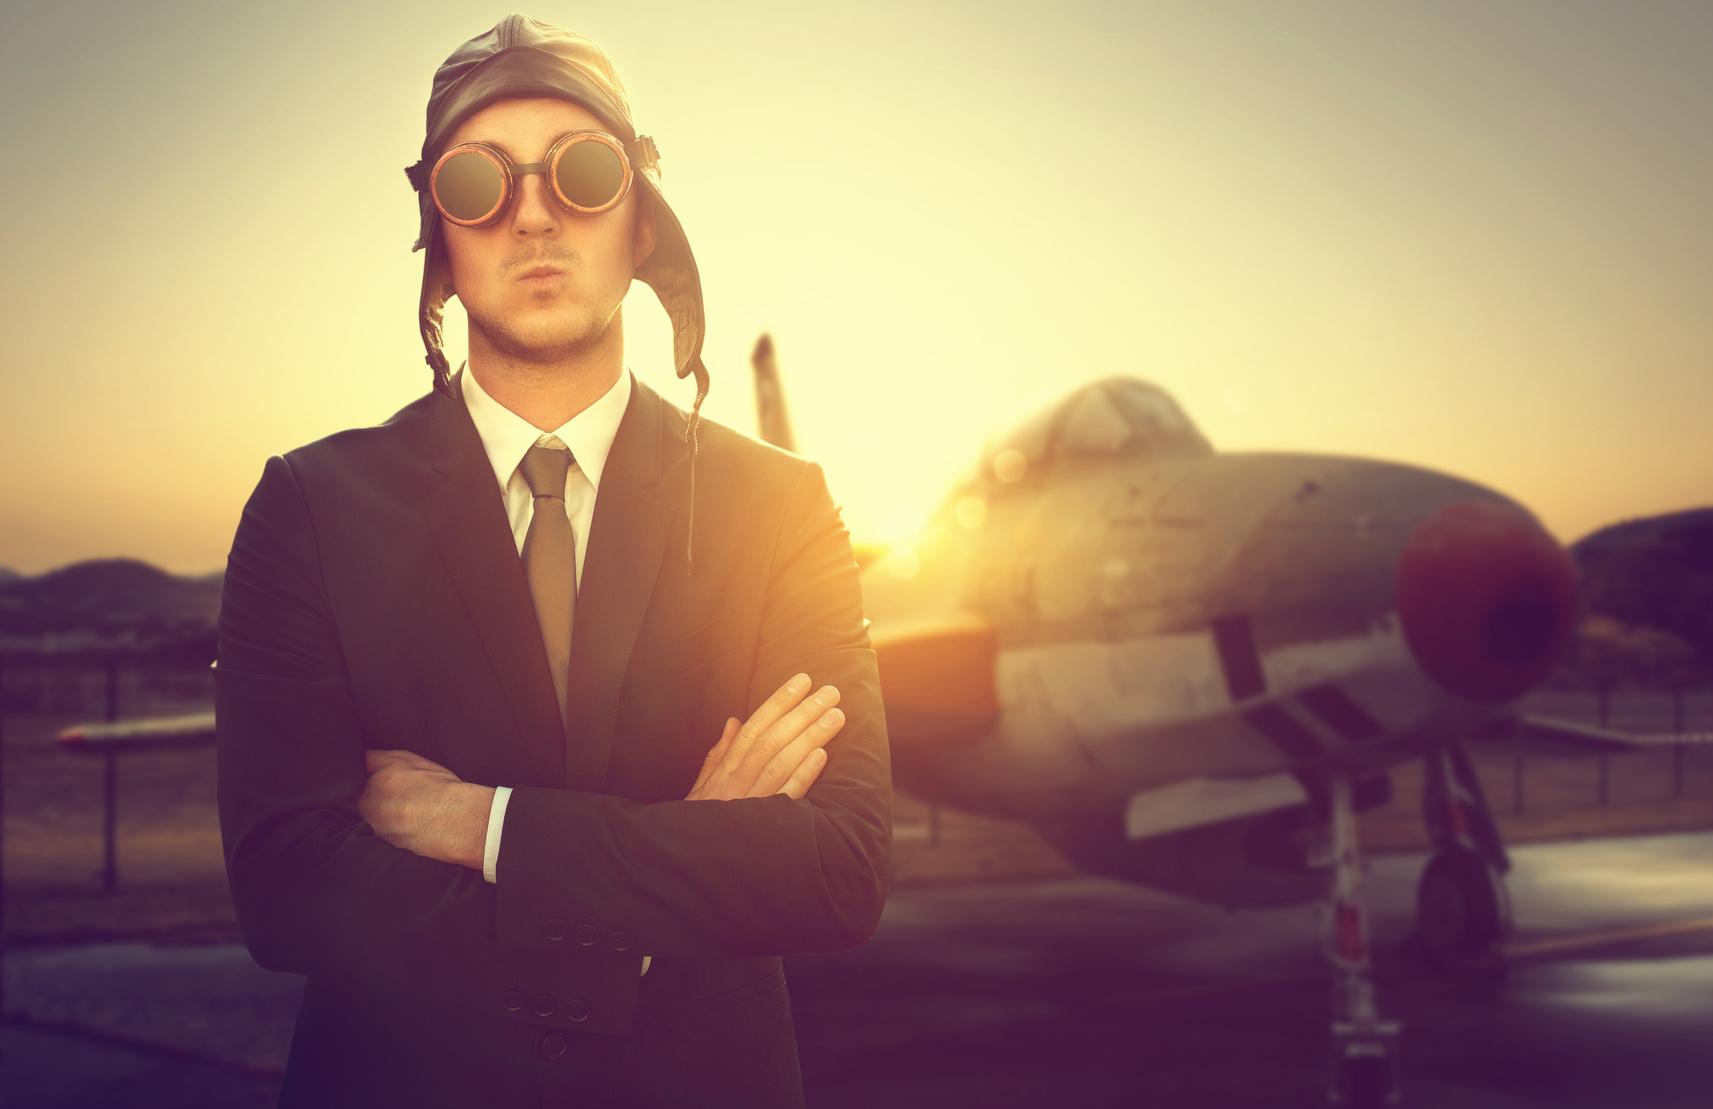 Fotolia 112920354 Subscription Monthly M - Аренда частного самолета. Что мешает Вам арендовать бизнес-джет?